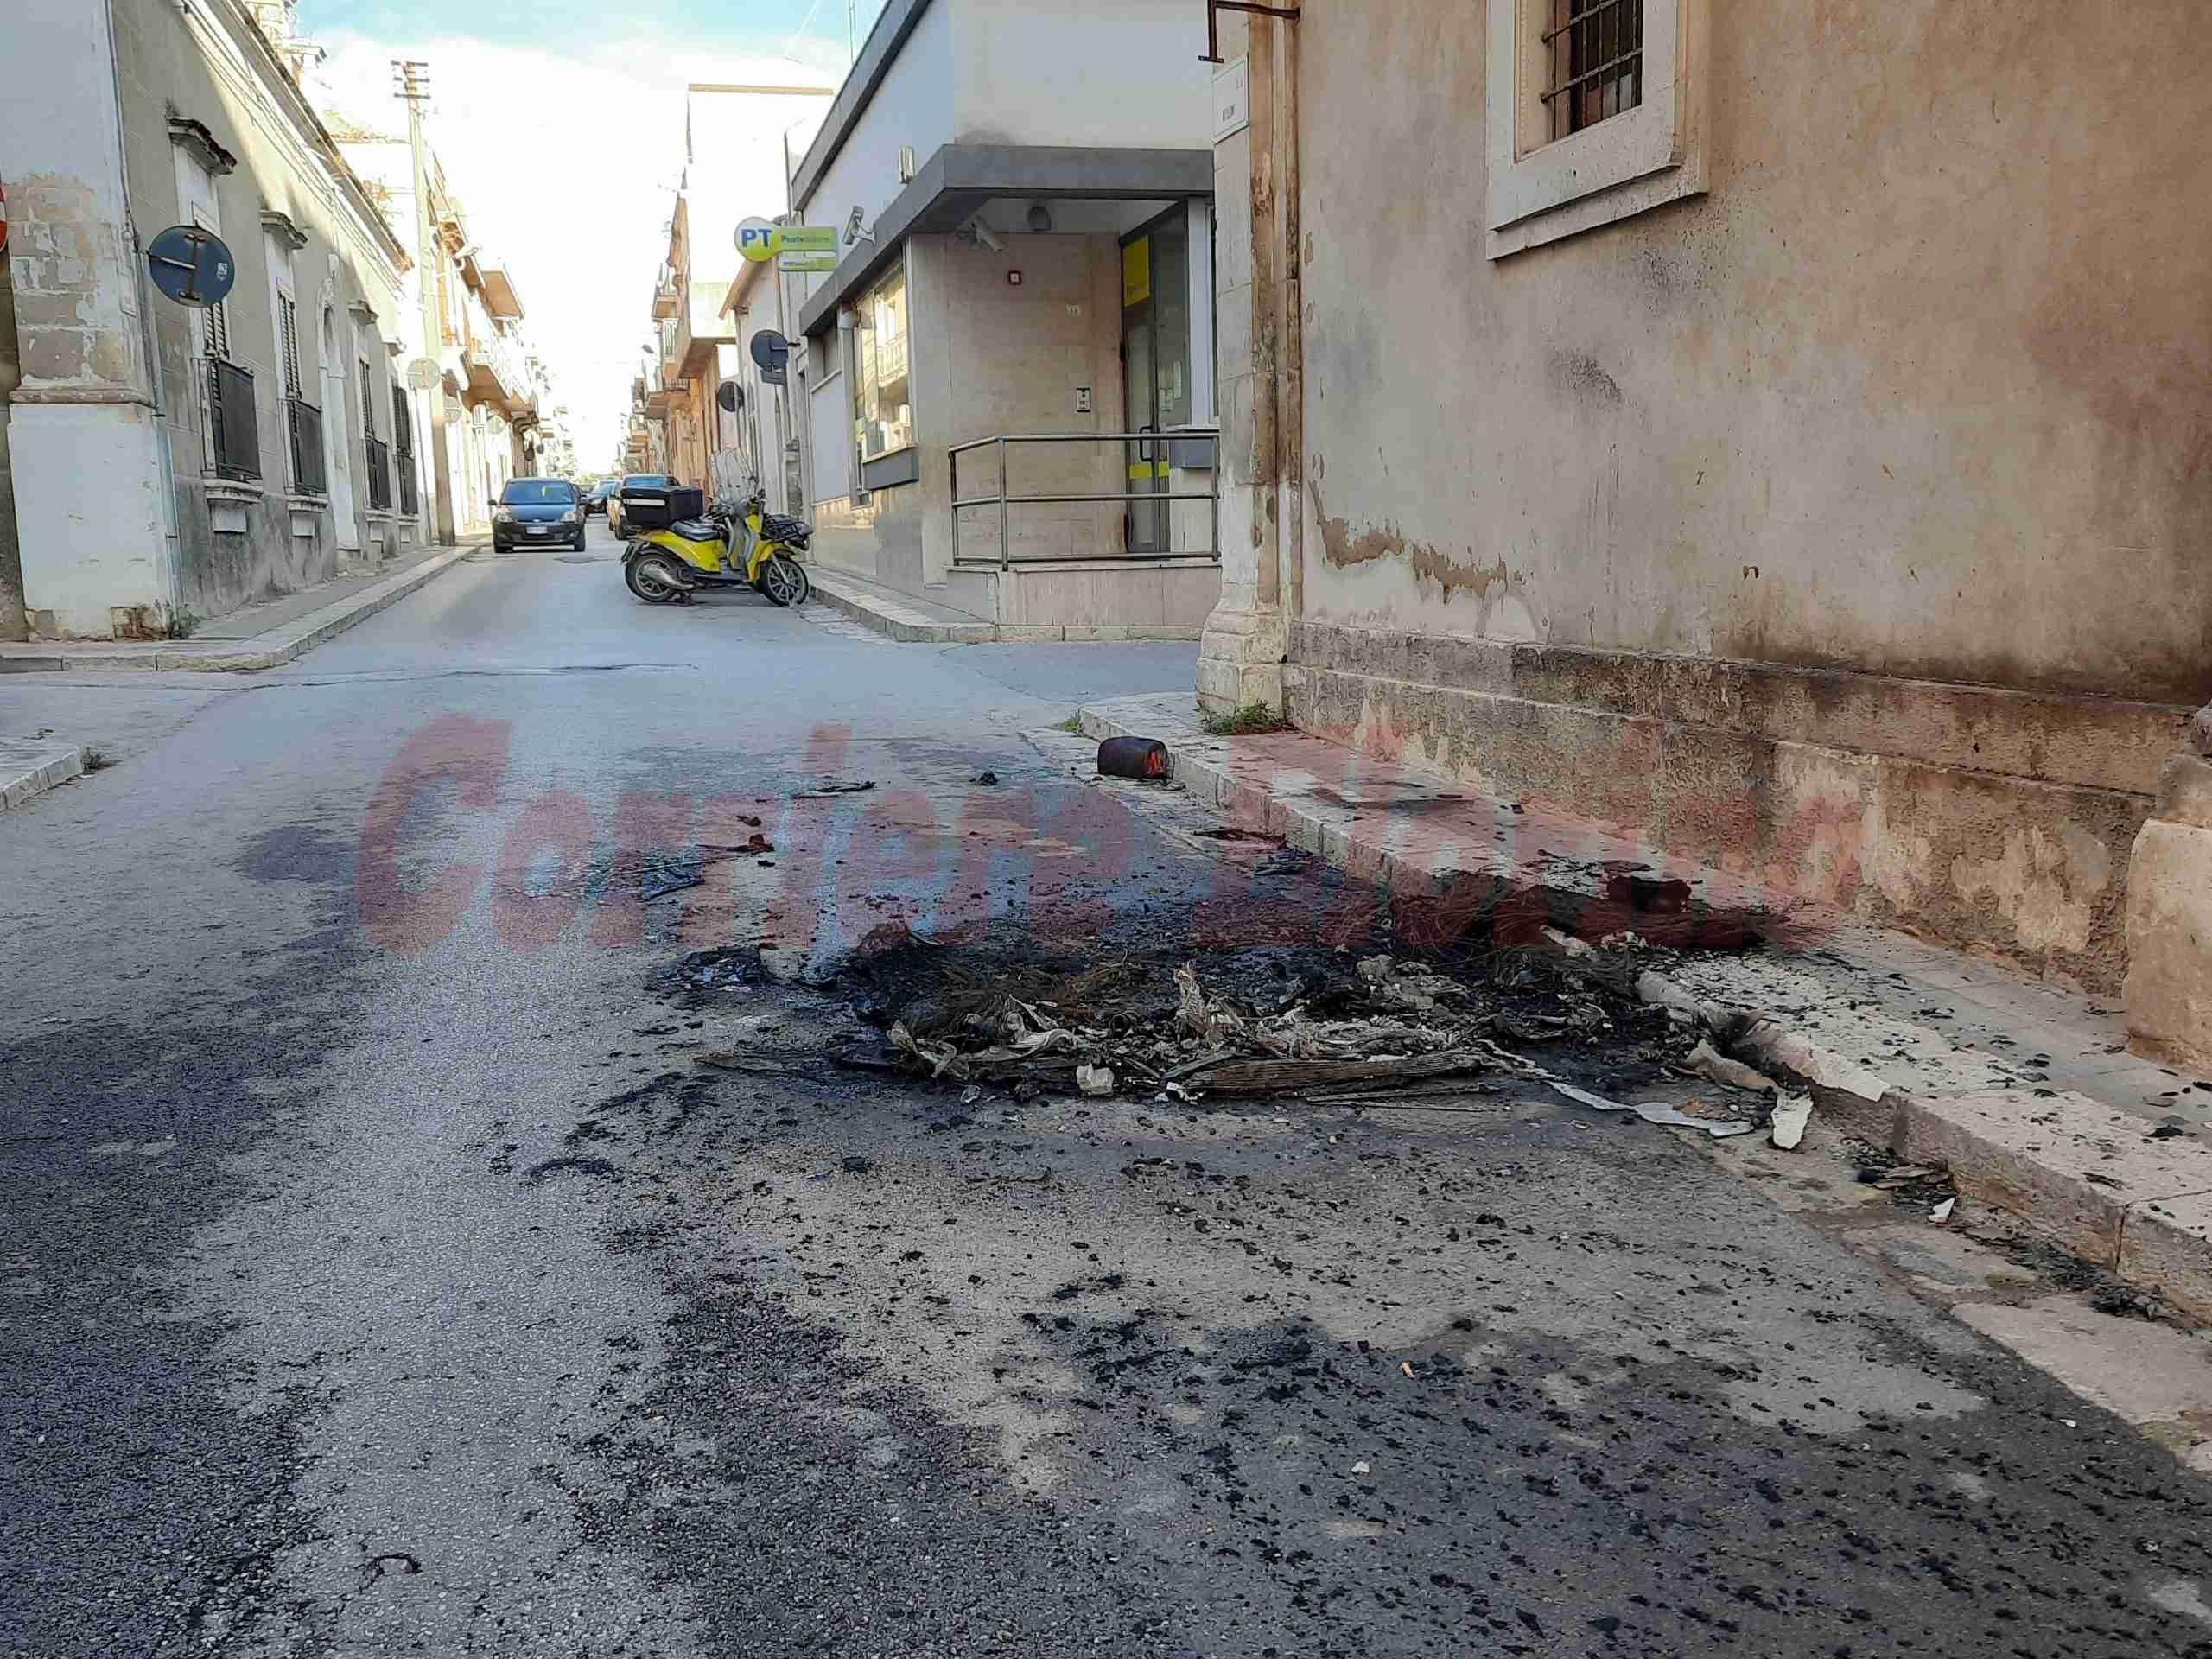 Ritorna il fuoco a Rosolini, auto in fiamme in pieno centro storico